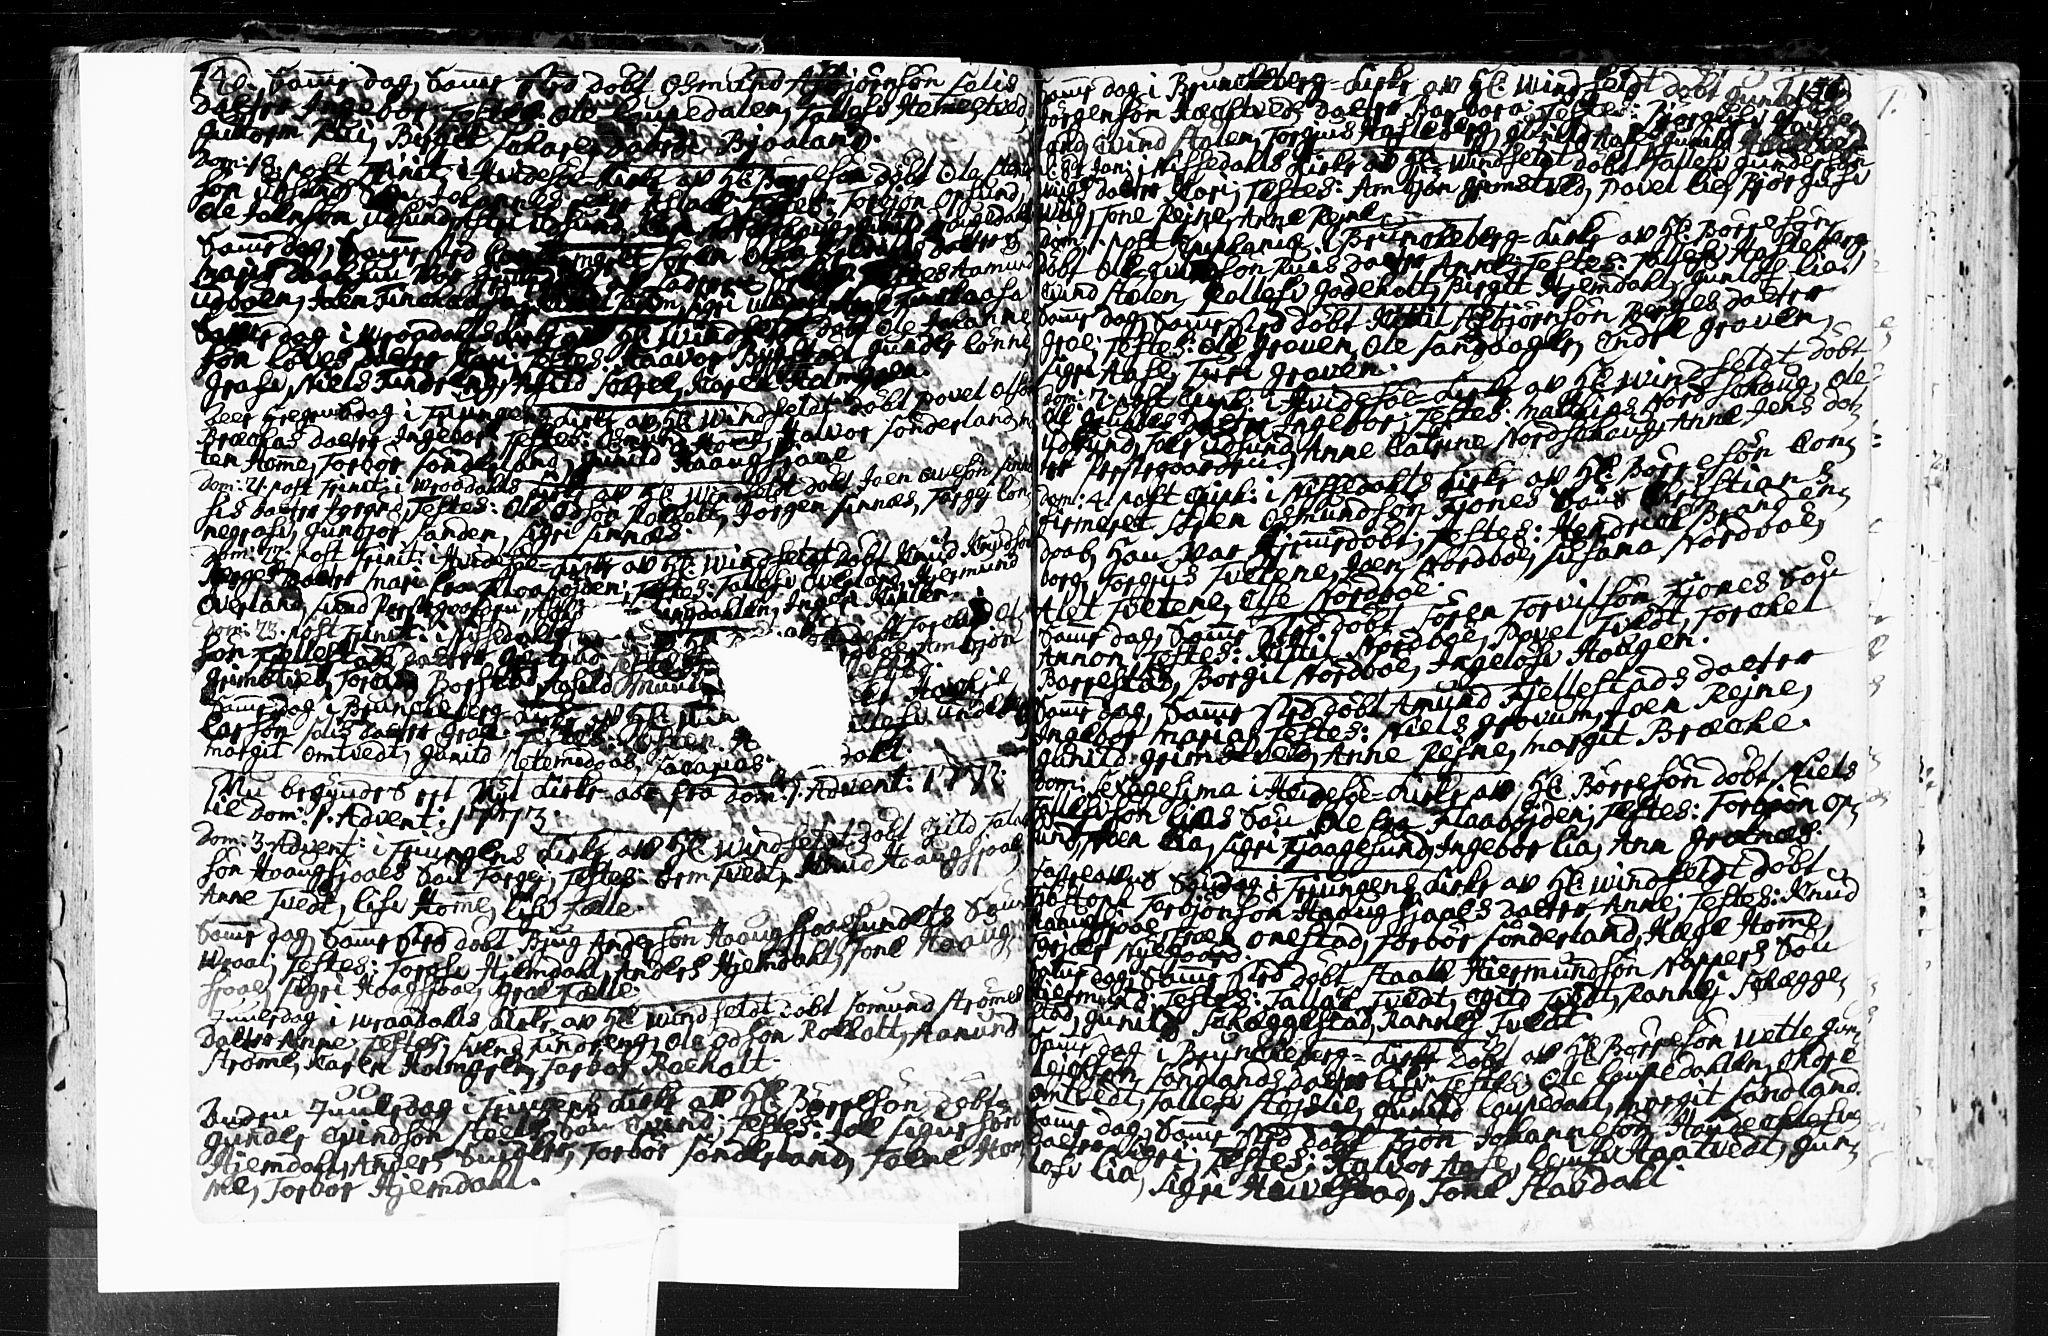 SAKO, Kviteseid kirkebøker, F/Fa/L0001: Ministerialbok nr. I 1, 1754-1773, s. 140-141